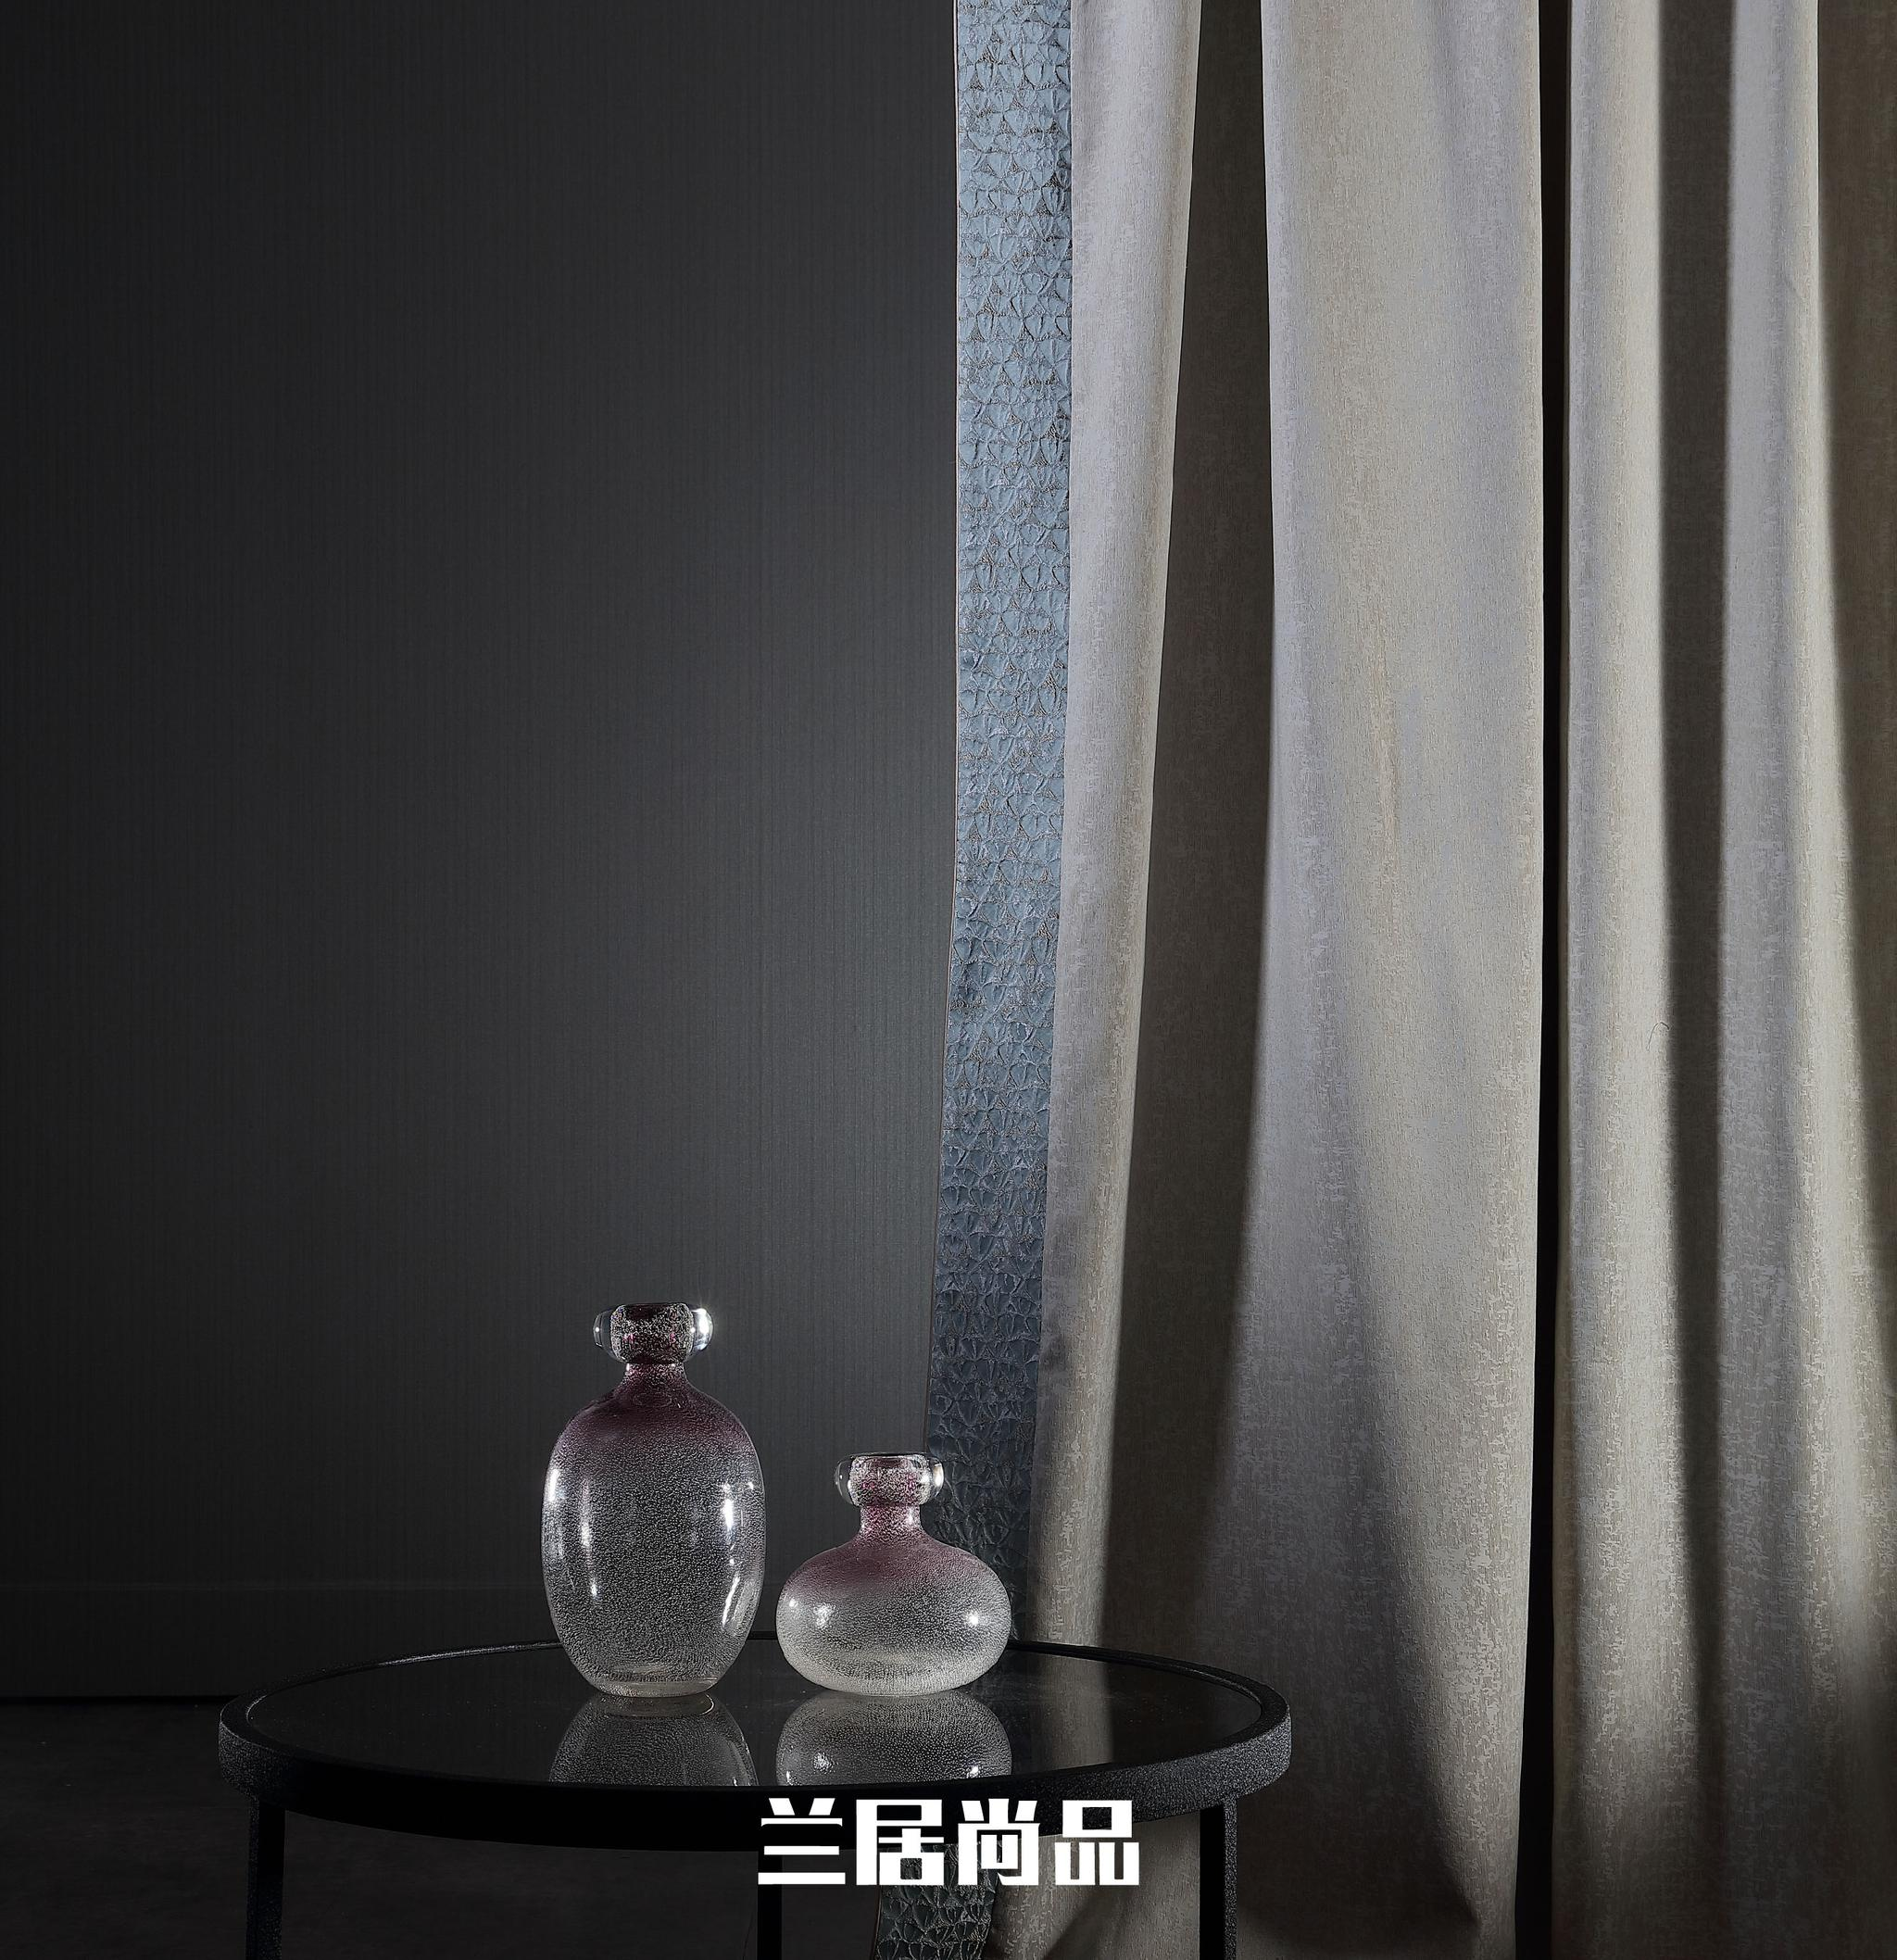 玉兰家居·兰居尚品窗帘| 初晓的摩登之光——靛青色